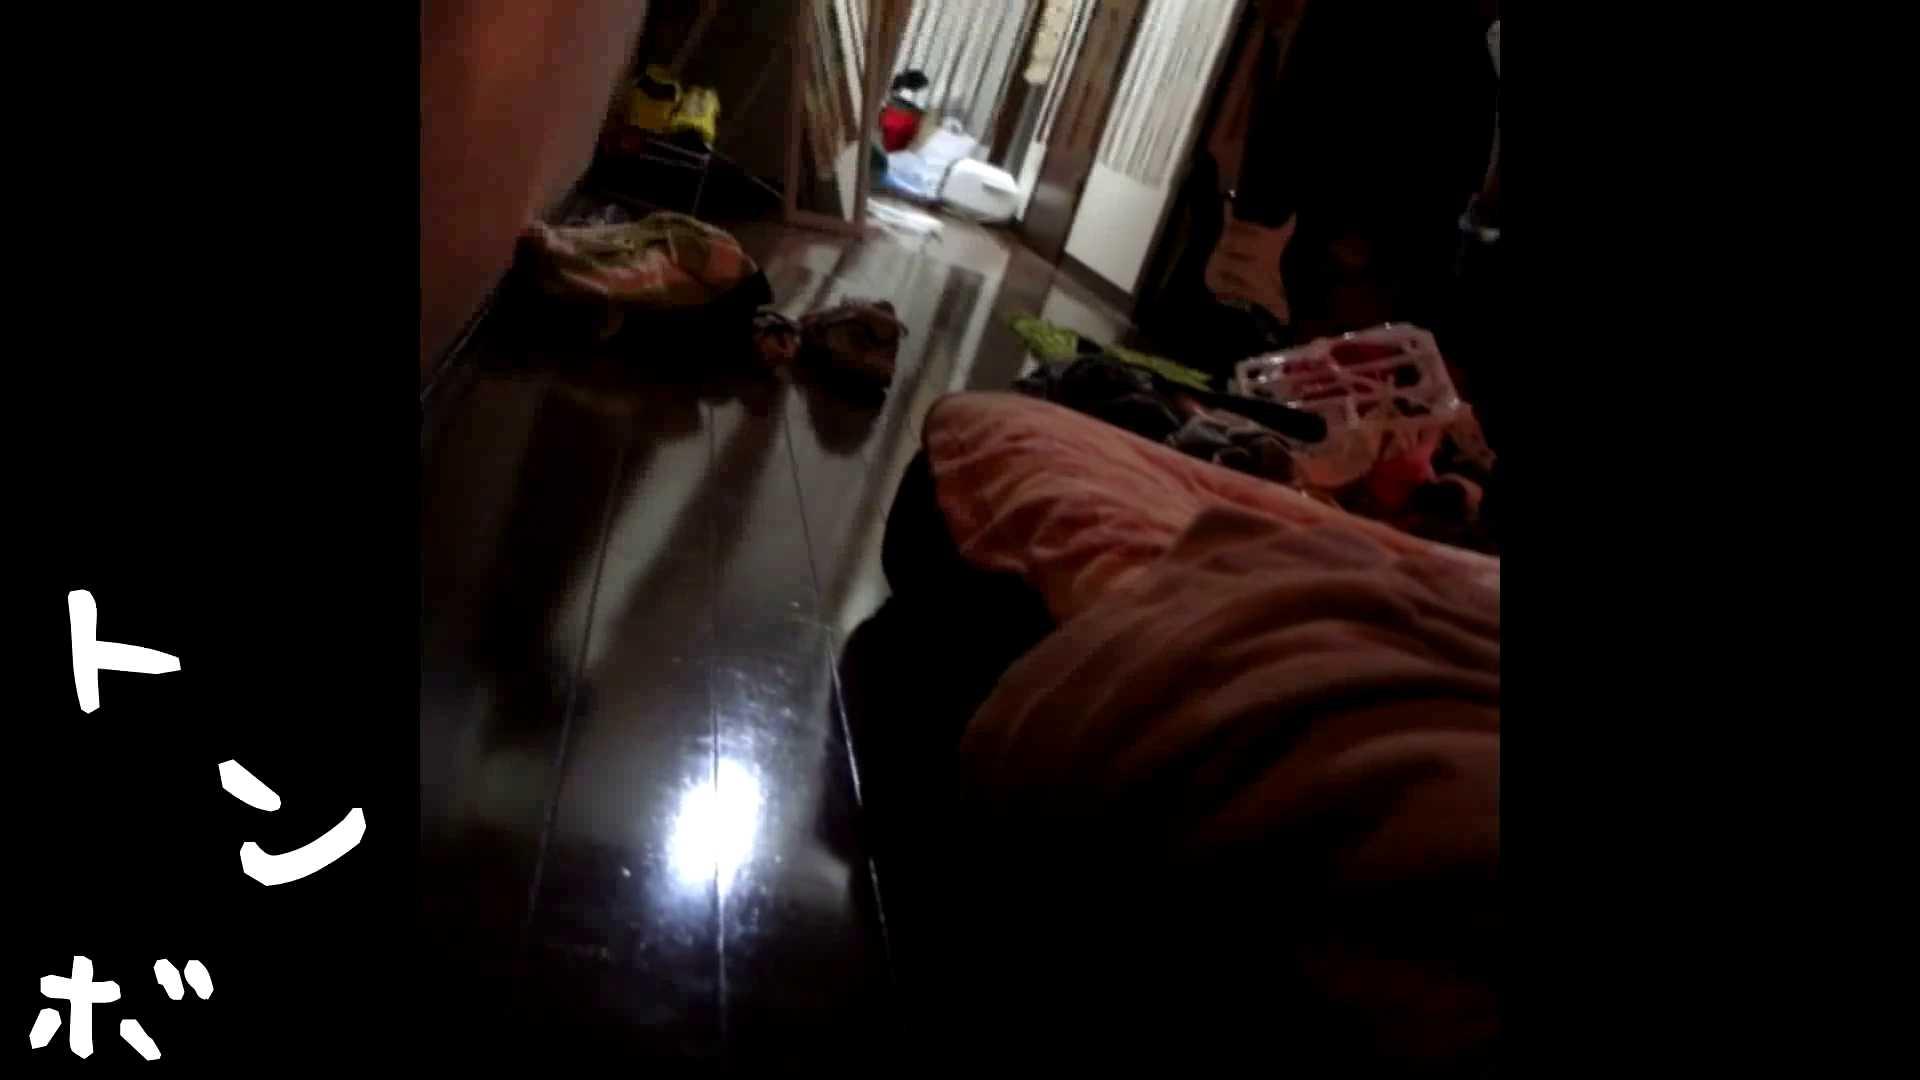 リアル盗撮 むっちりお女市さんの私生活ヌード 高画質 盗撮AV動画キャプチャ 61pic 24